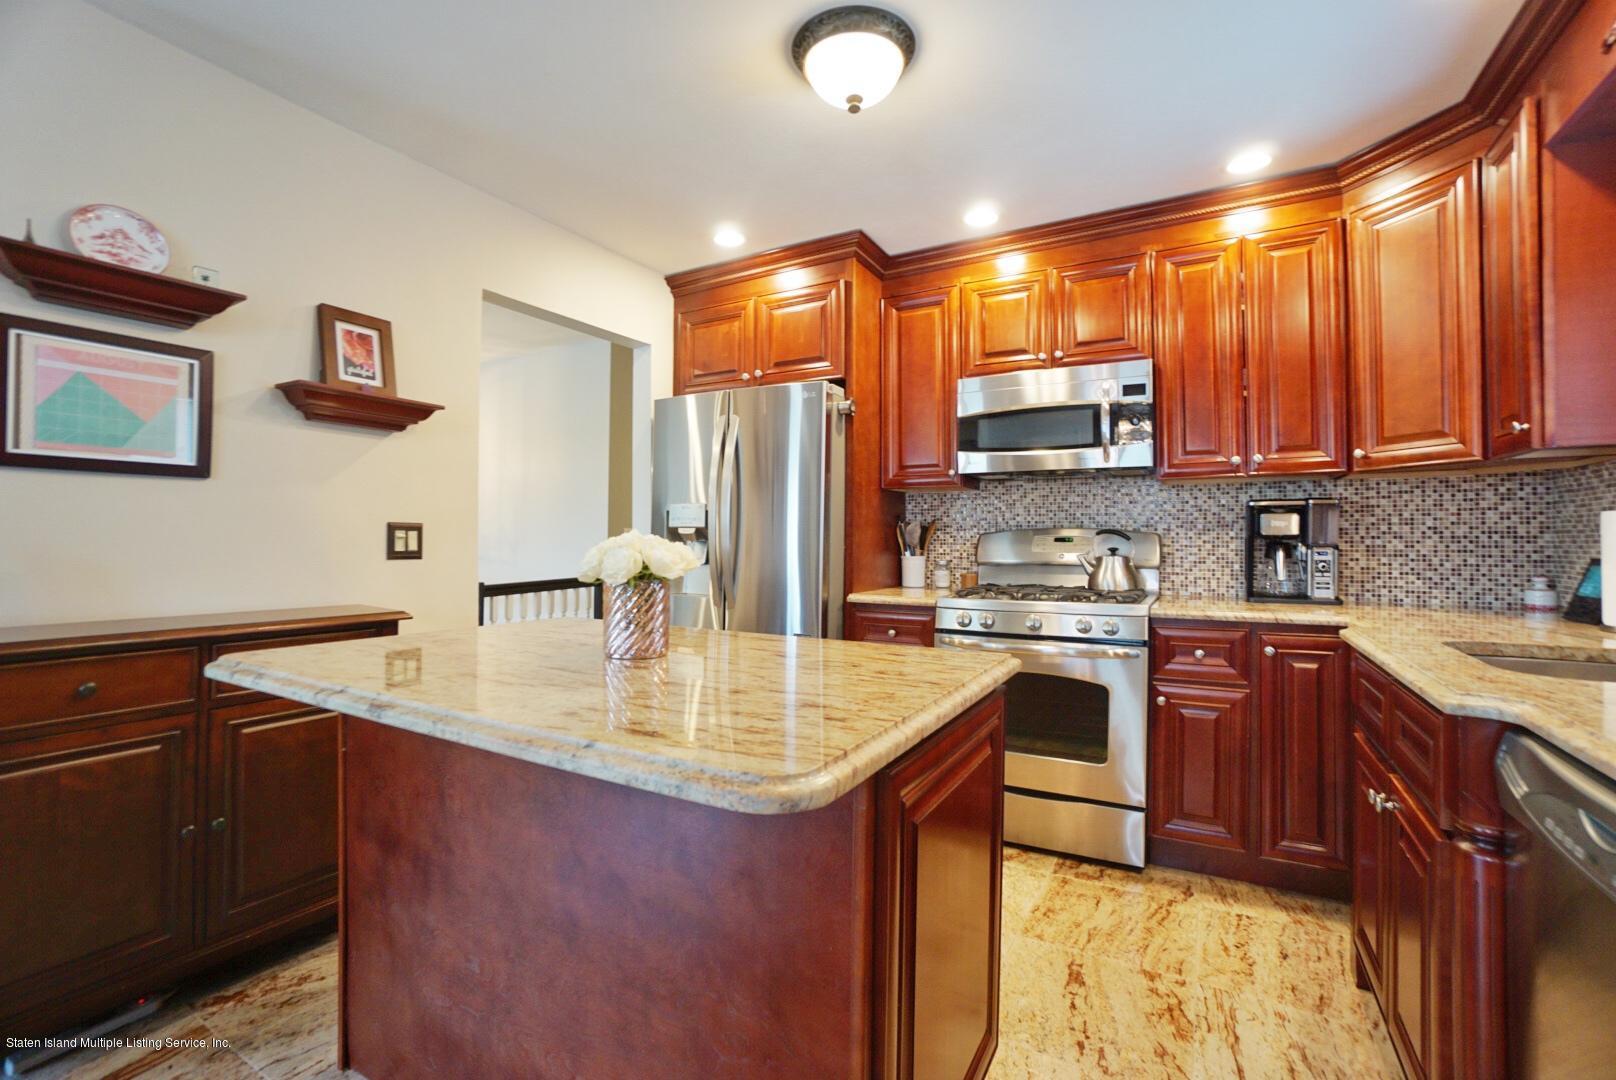 Single Family - Detached 579 Carlton Boulevard  Staten Island, NY 10312, MLS-1139227-20